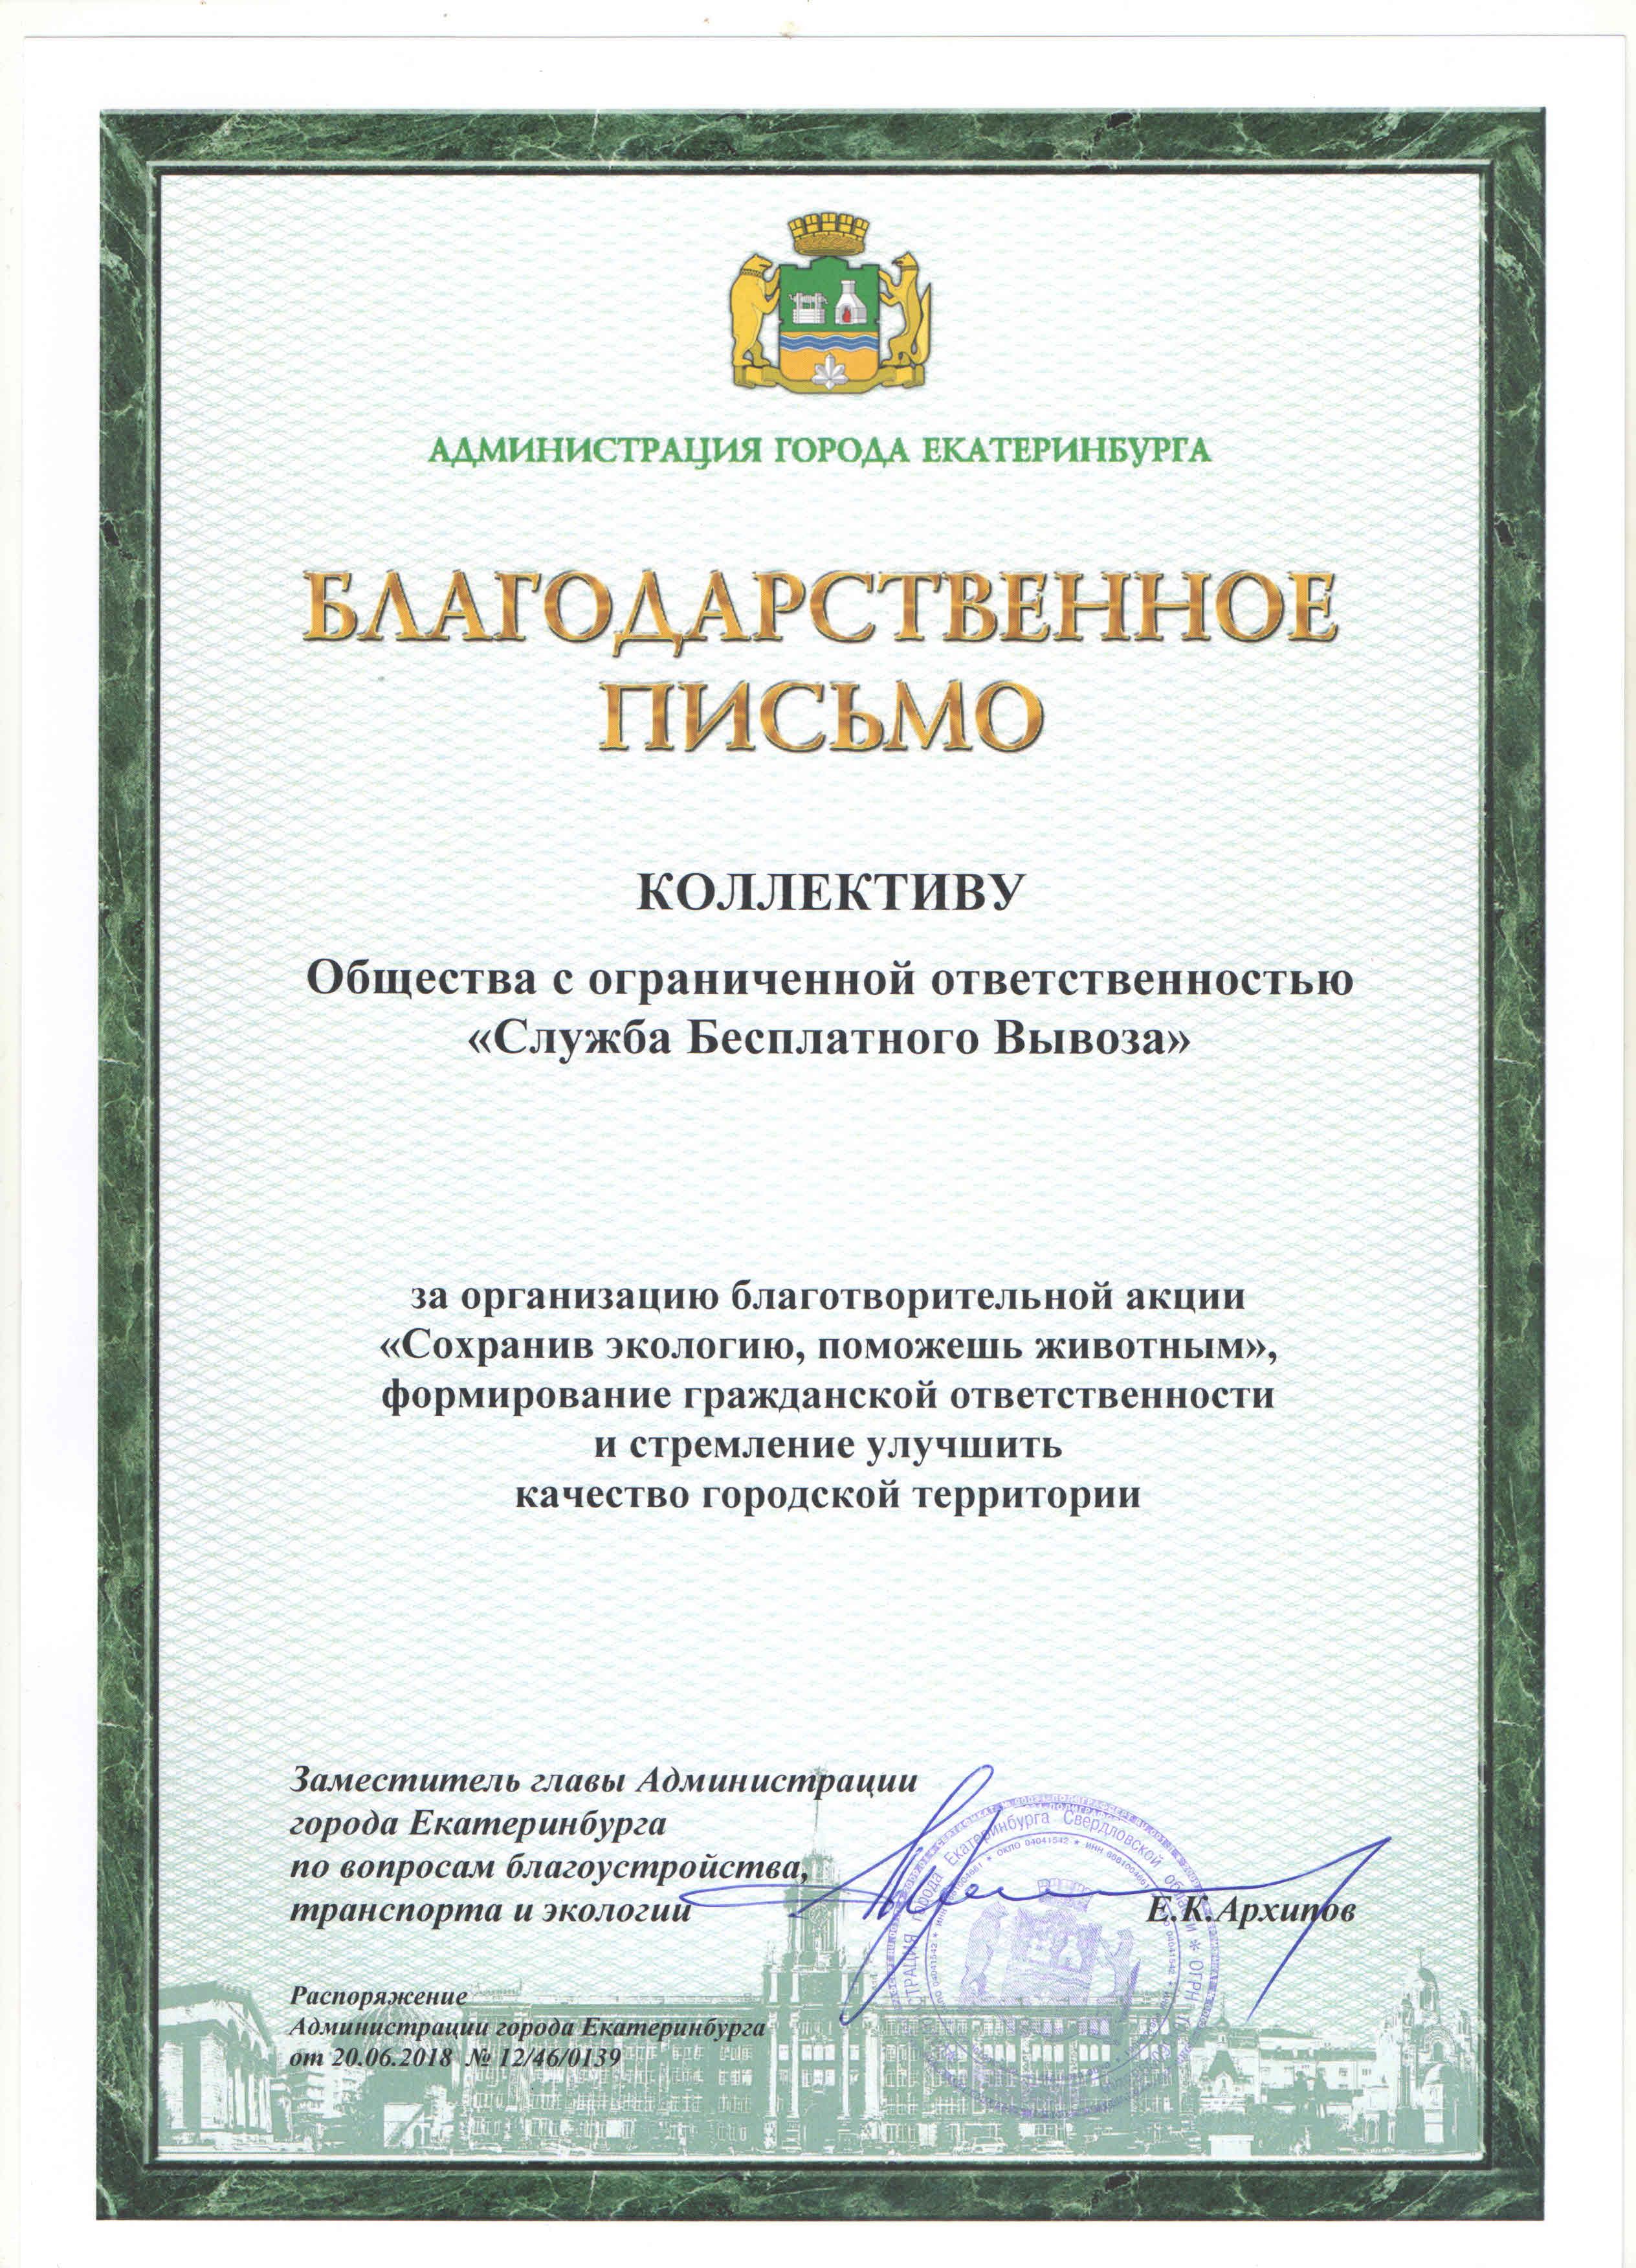 Благодарственное письмо от Администрации Екатеринбурга